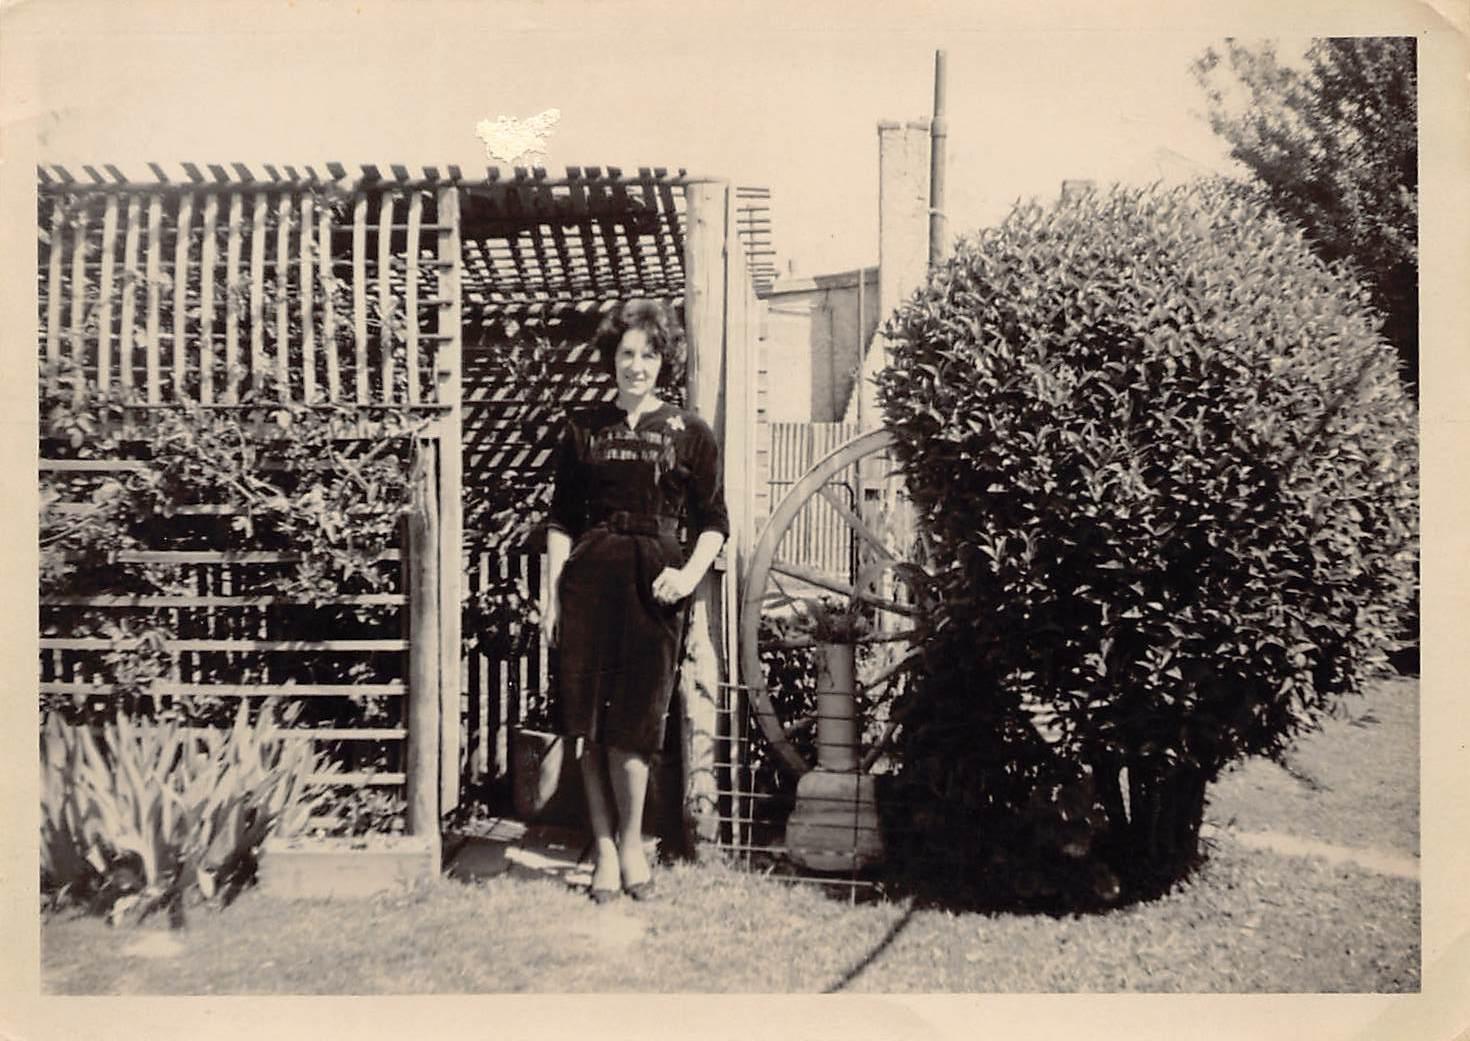 Hovell Street Marjorie bush house